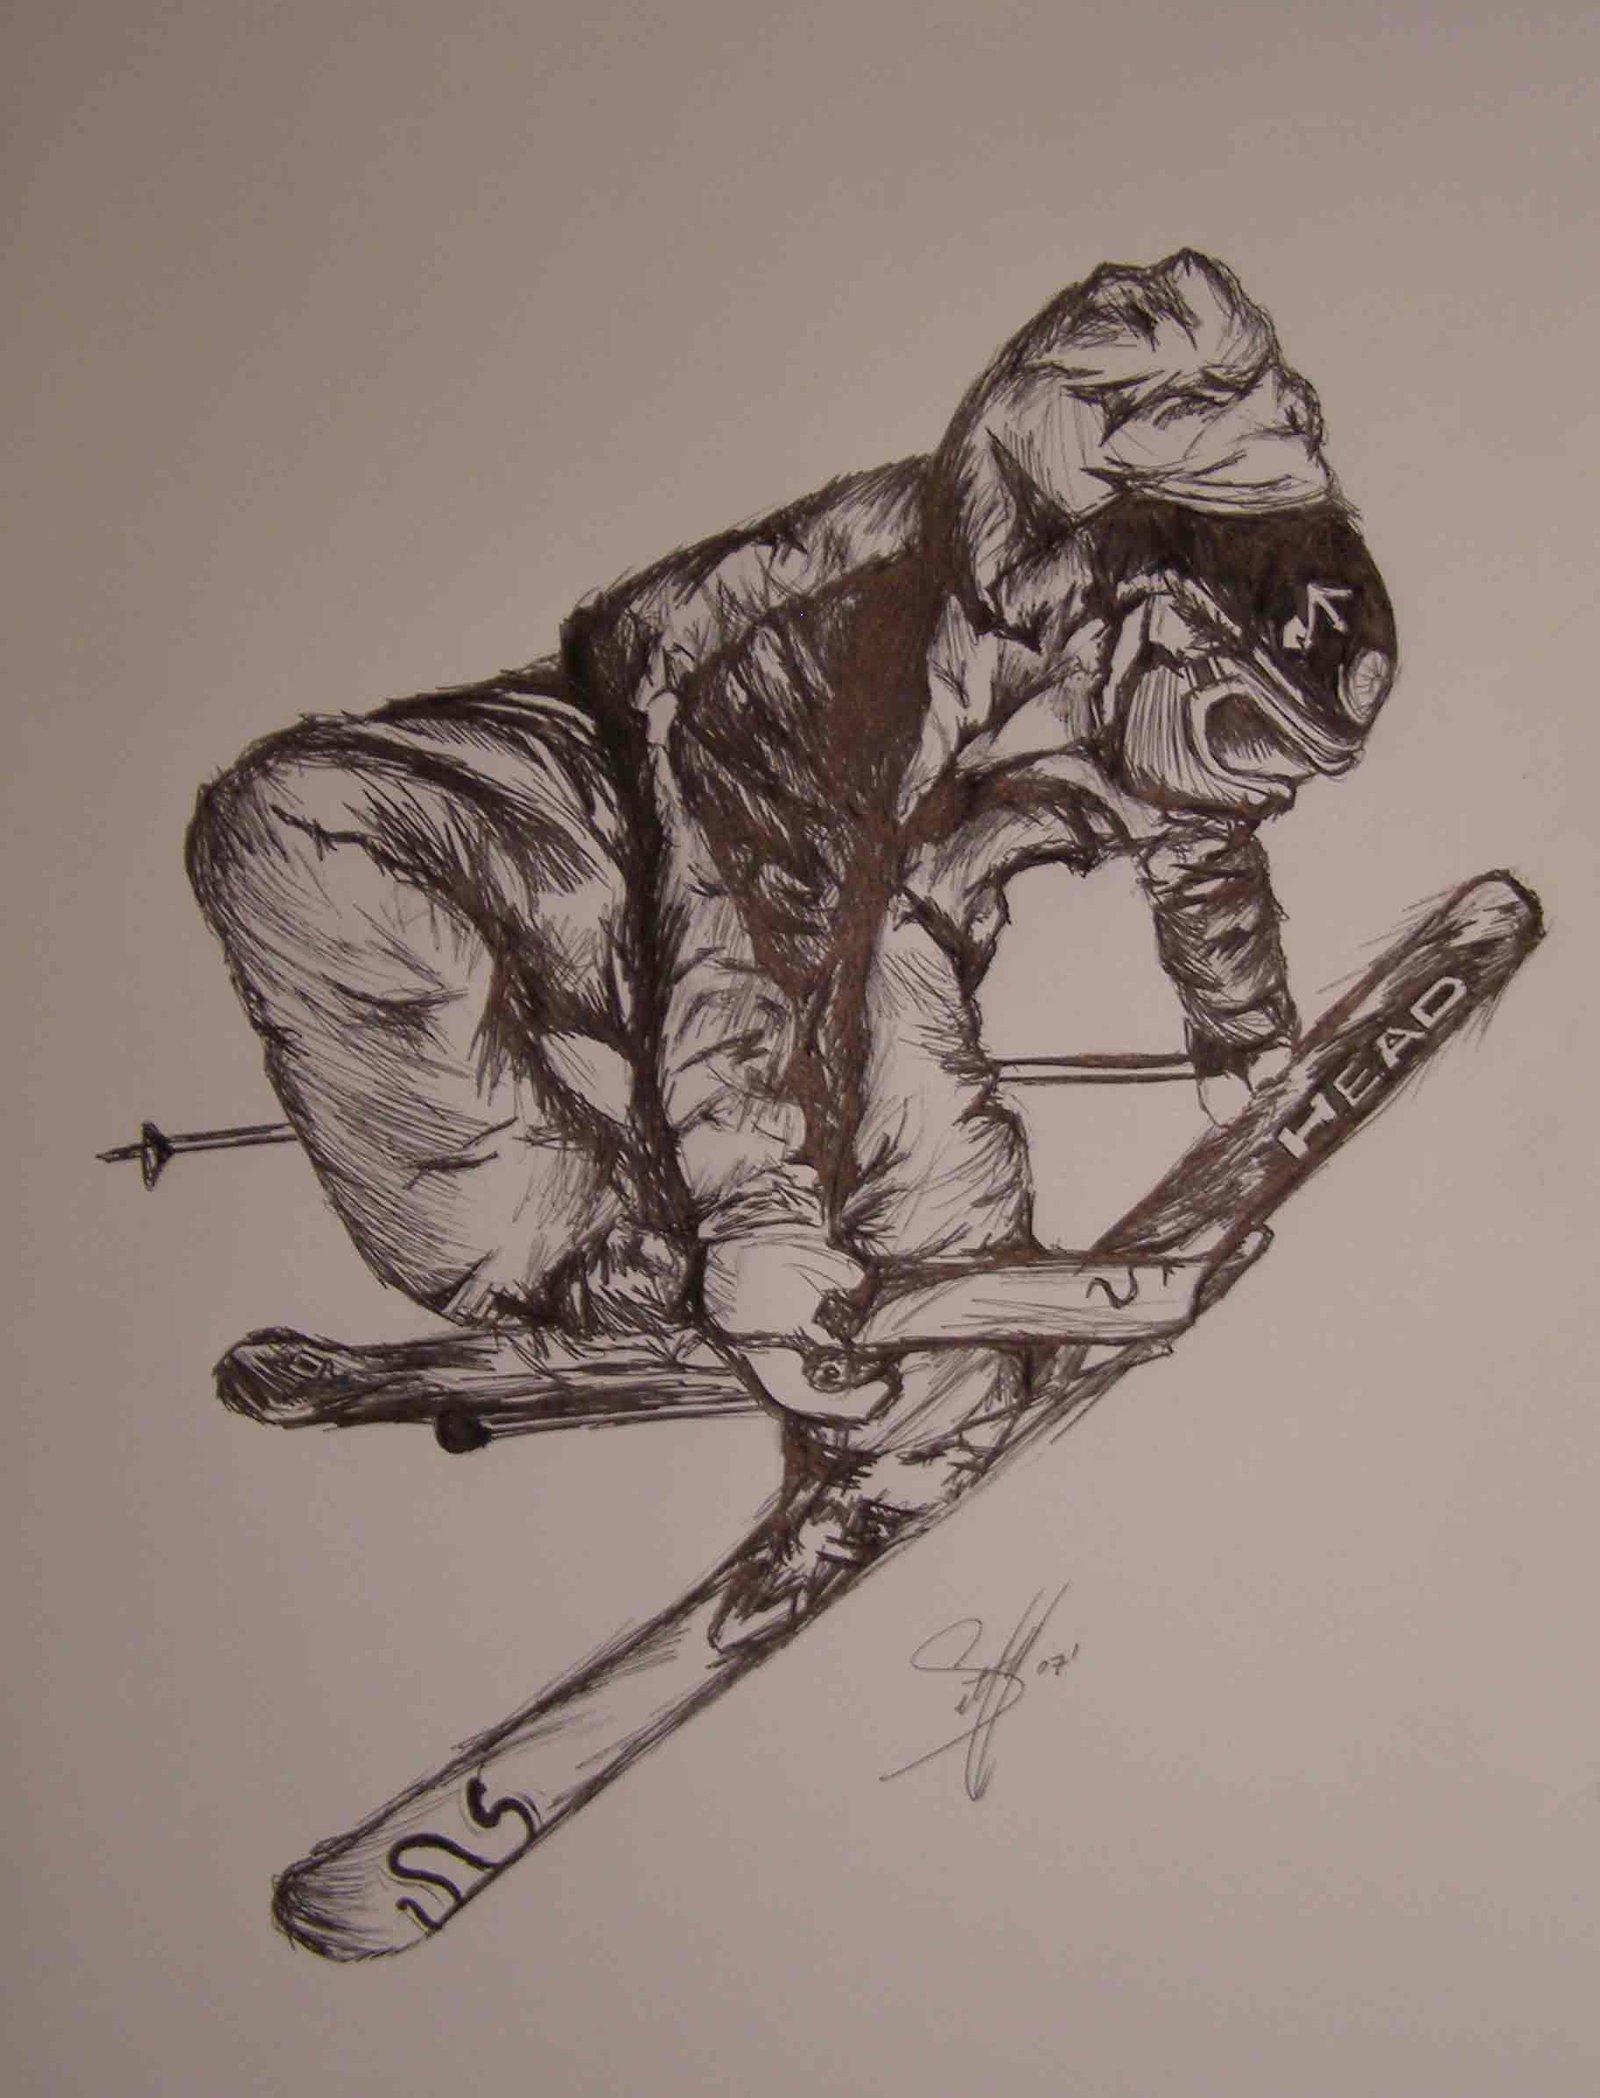 Octograb drawing